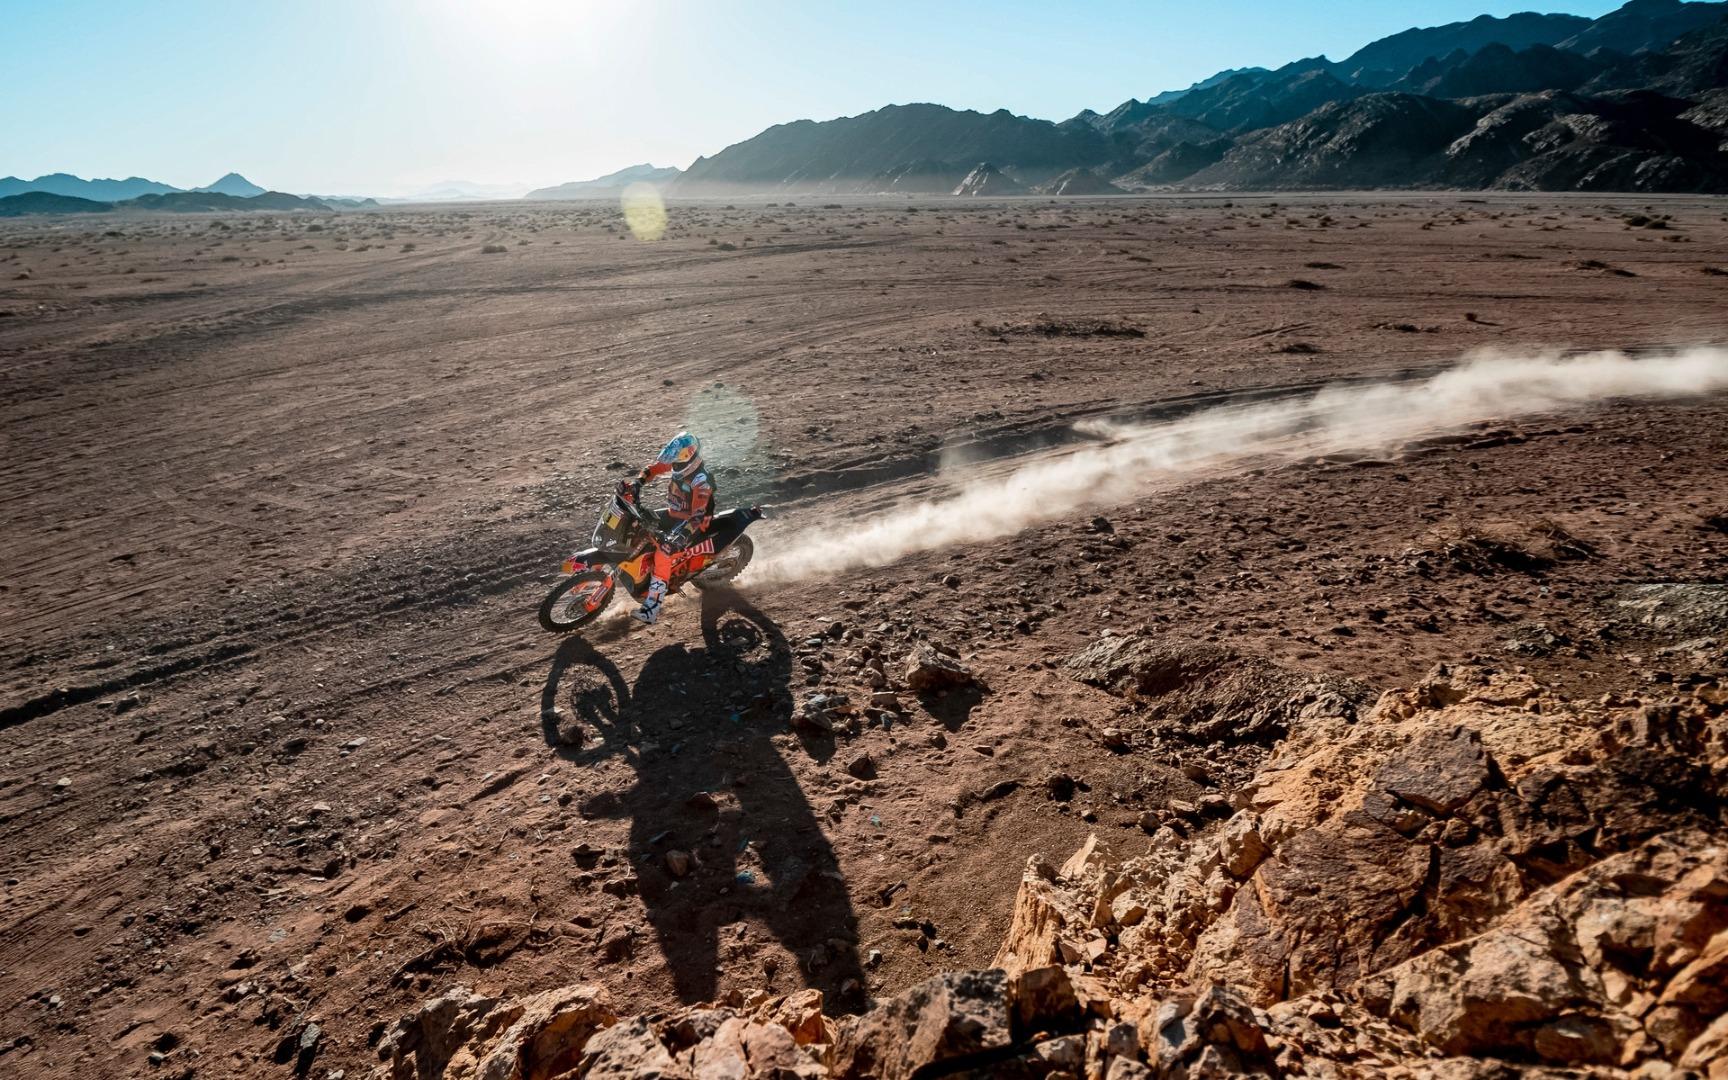 Sam Sunderland, KTM, Etapa 3, Dakar 2020